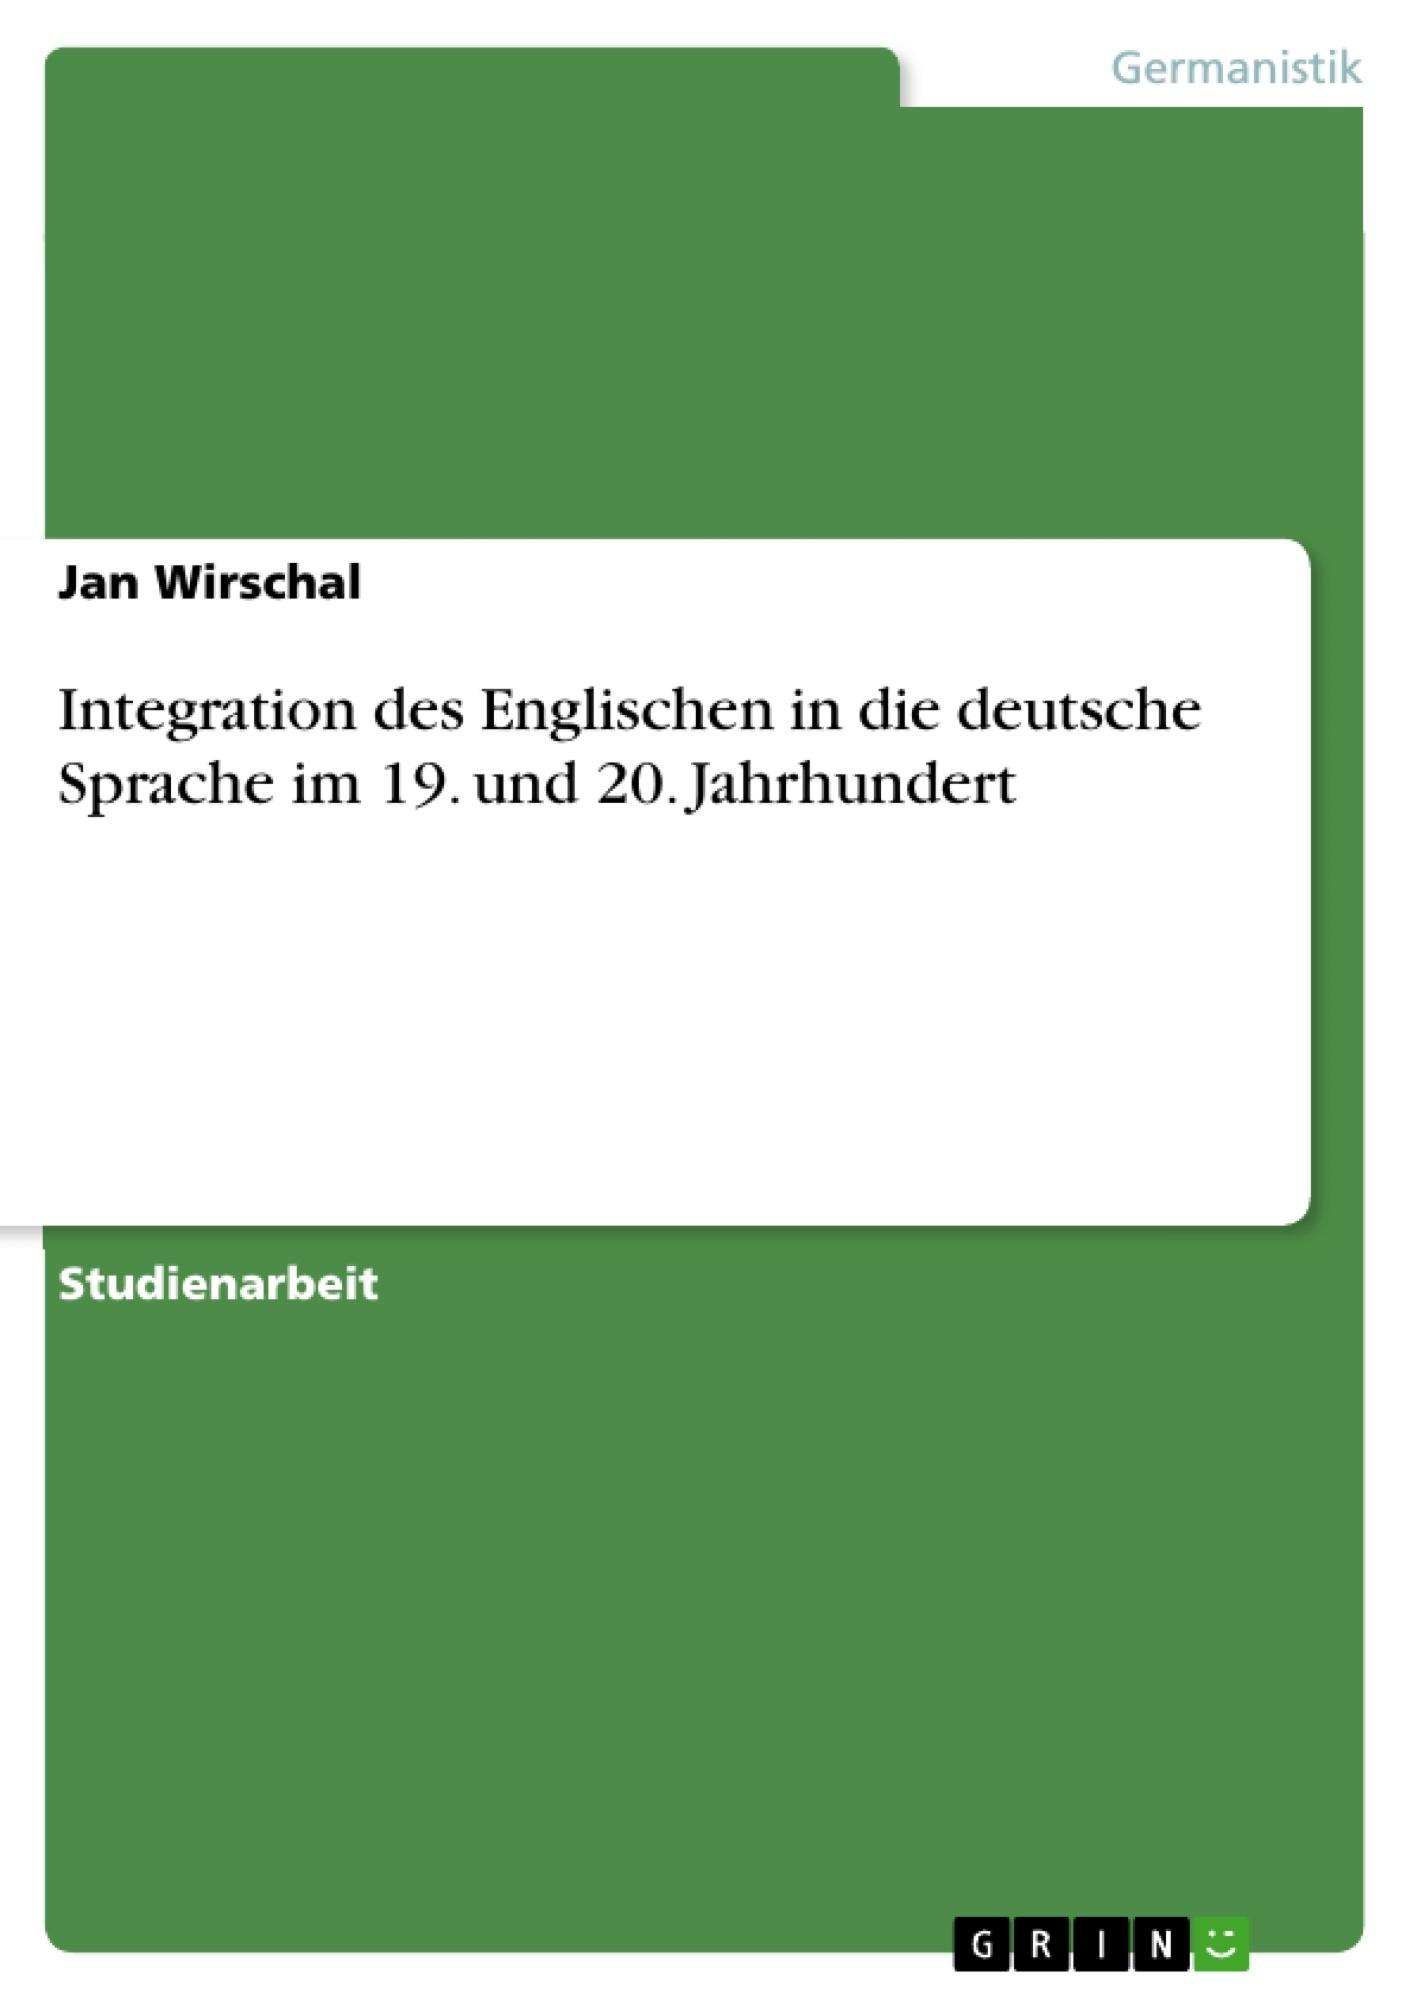 Titel: Integration des Englischen in die deutsche Sprache im 19. und 20. Jahrhundert